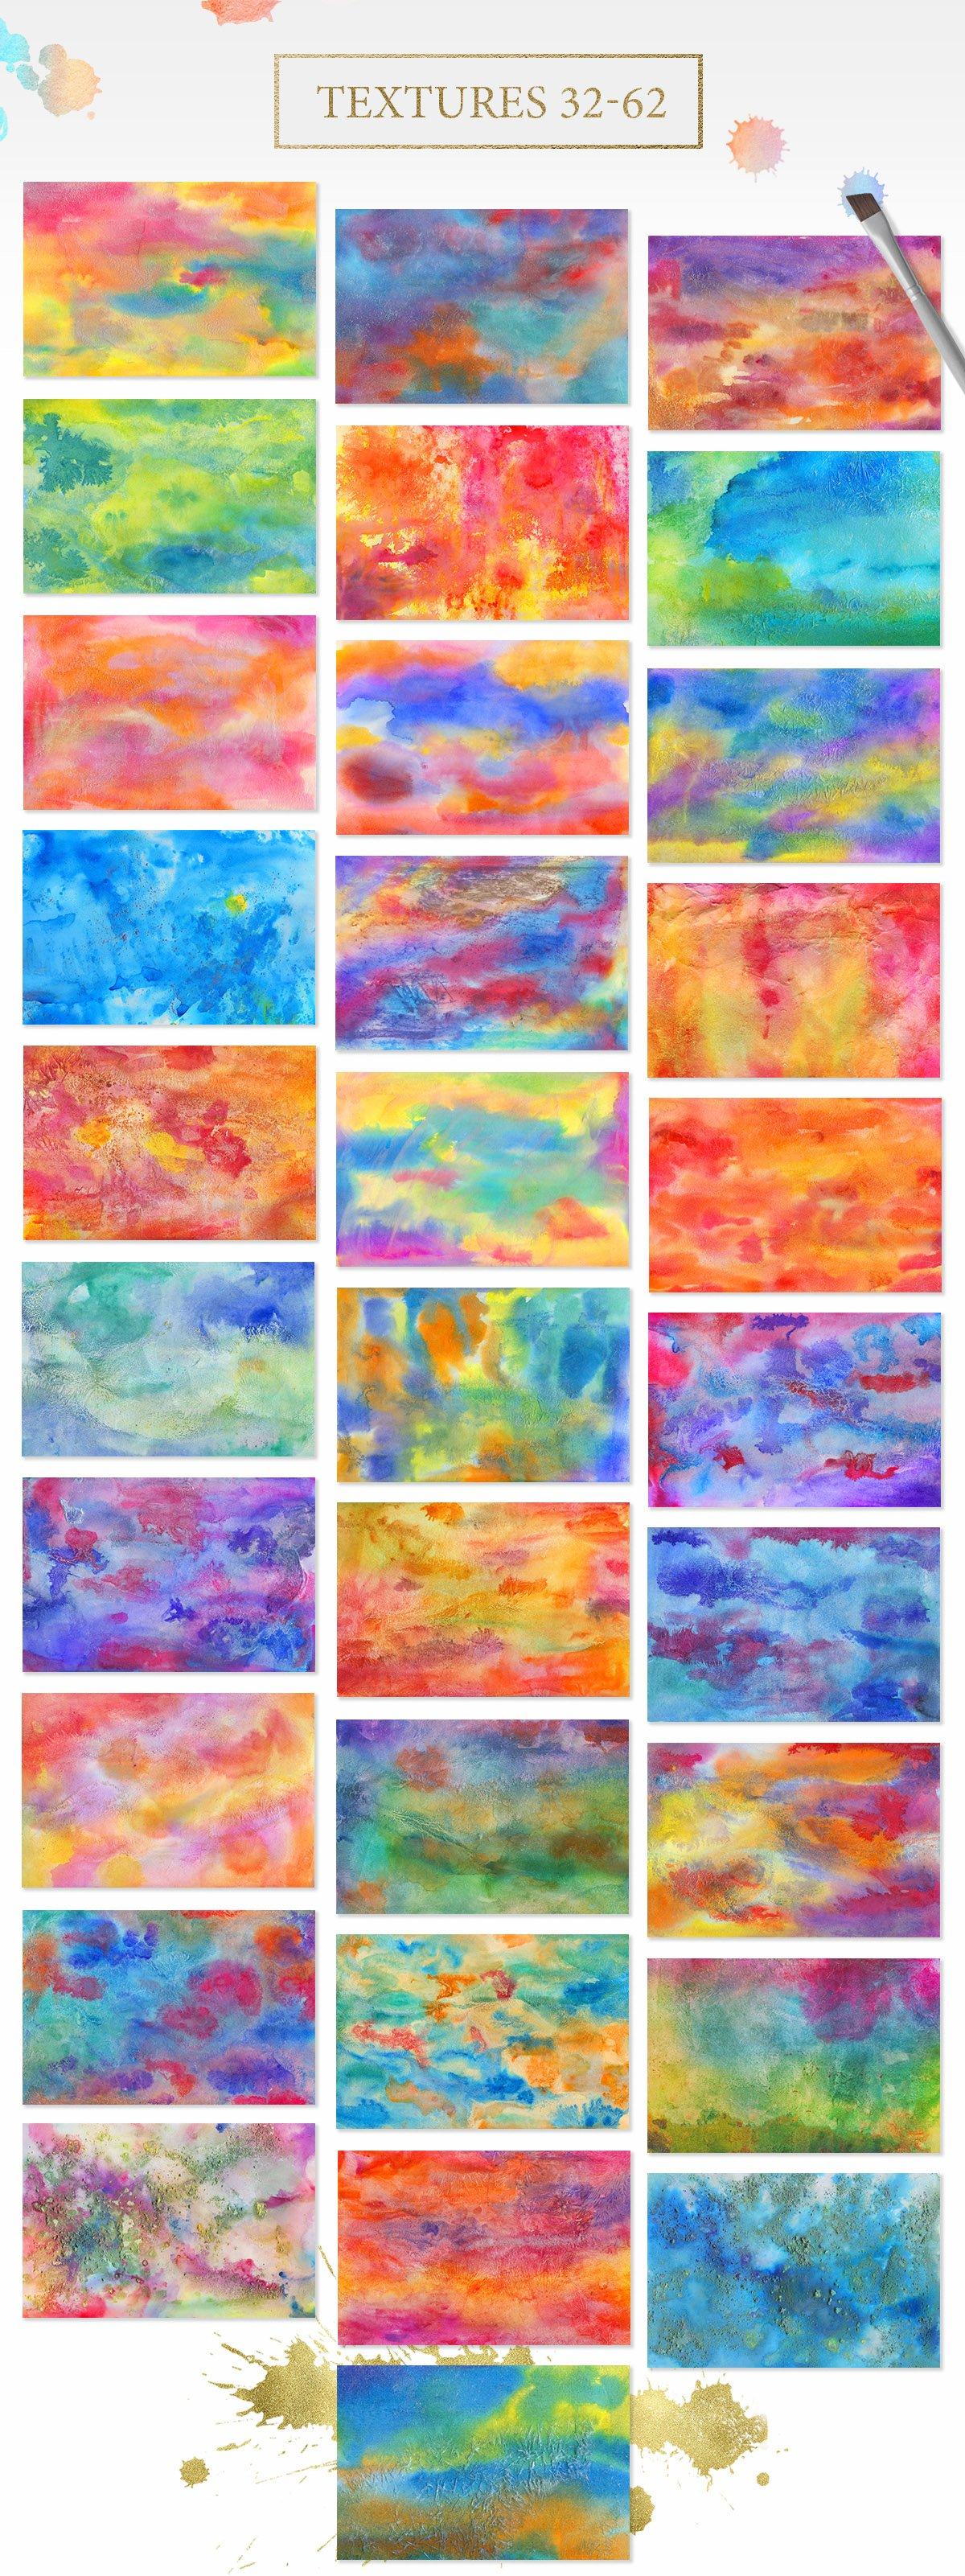 62款手绘水彩背景&水晶碎片纹理集合 62 Diversity Textures插图(4)